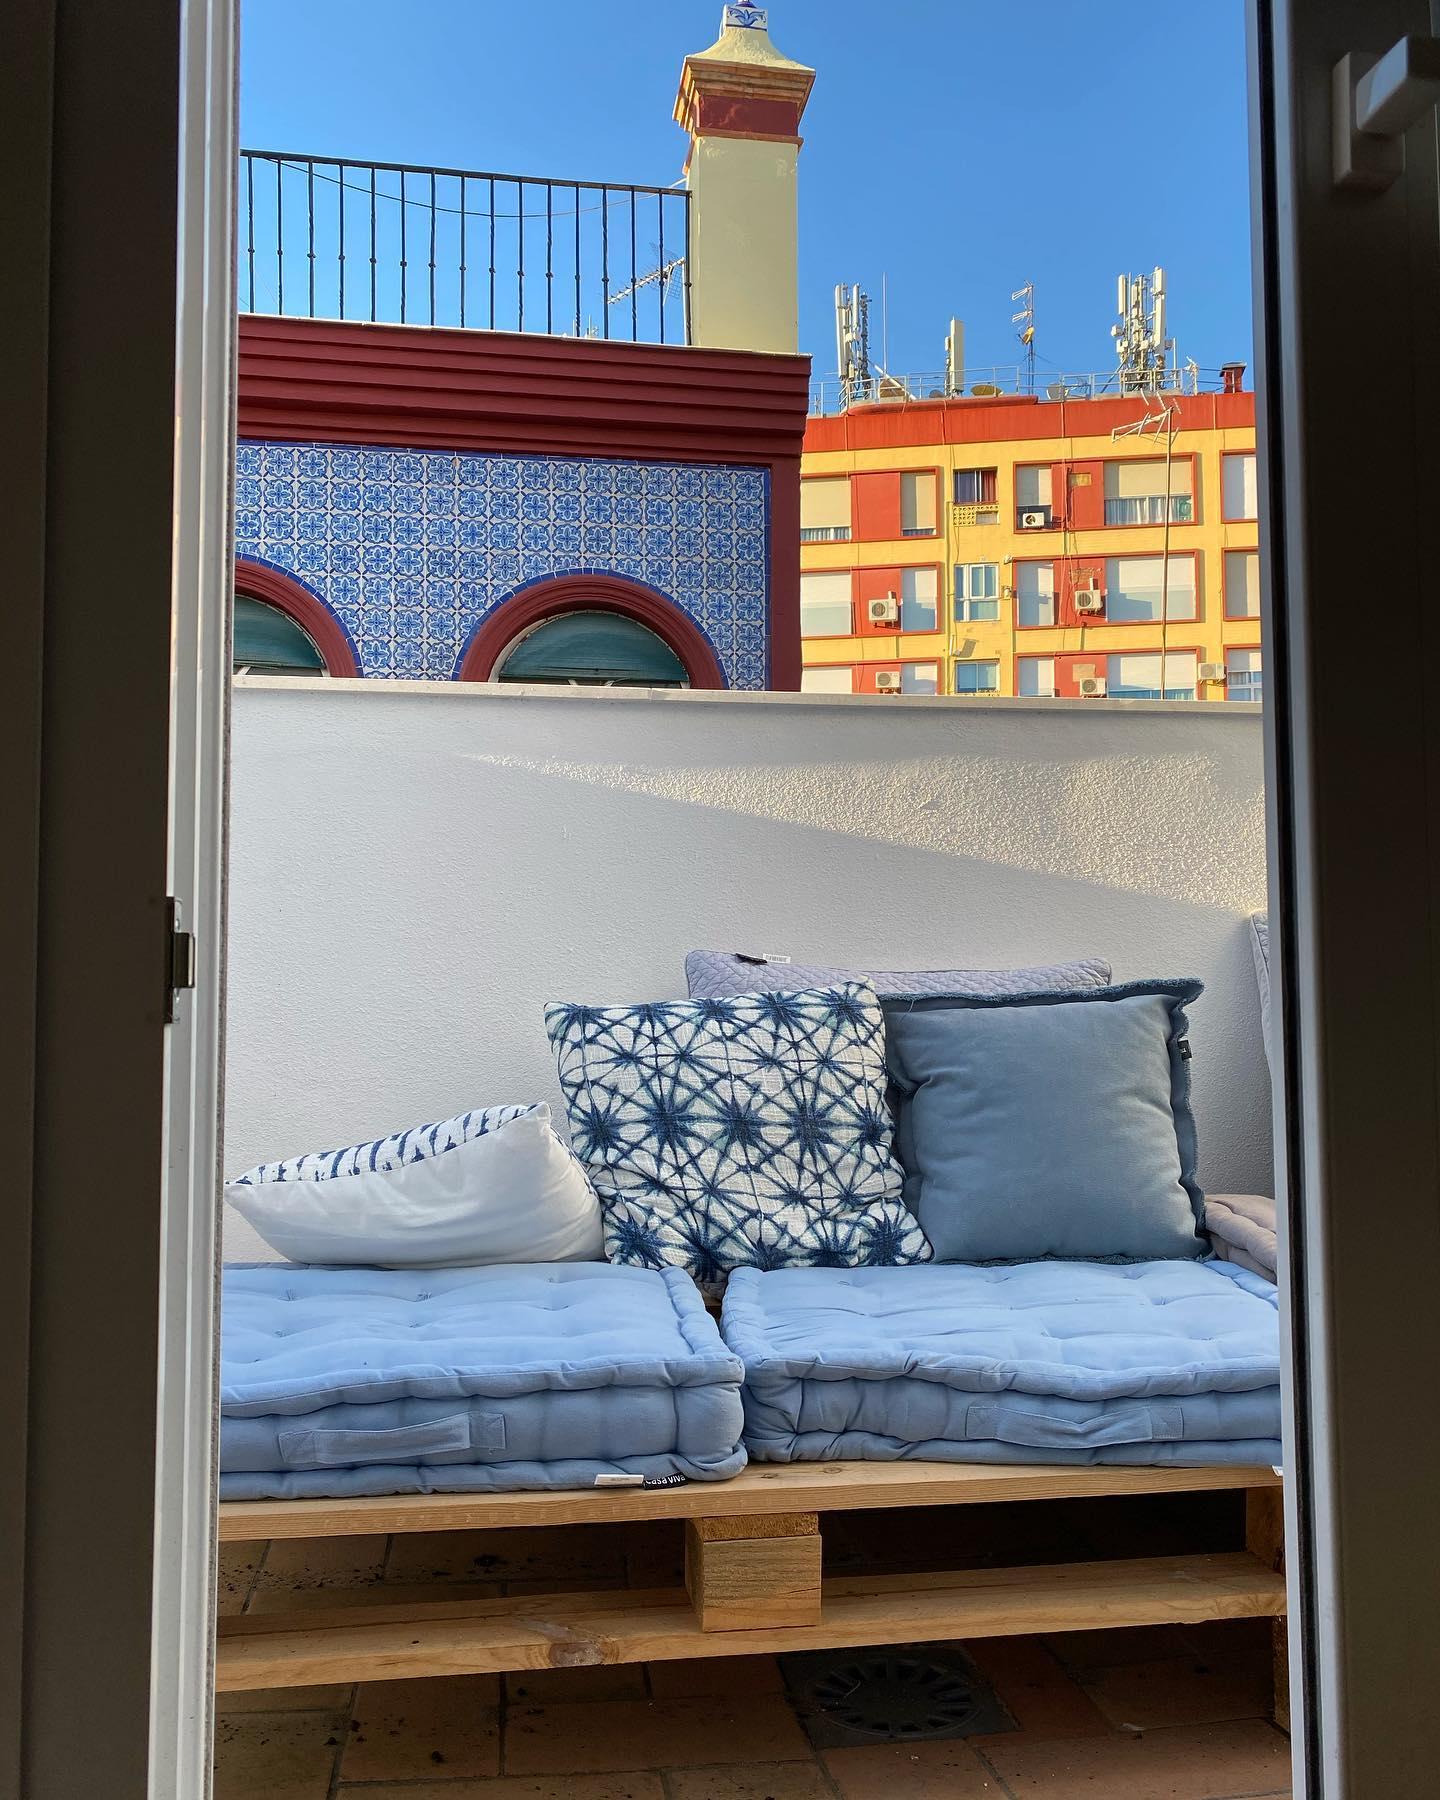 Blau!#spanien #sevilla #erlebees